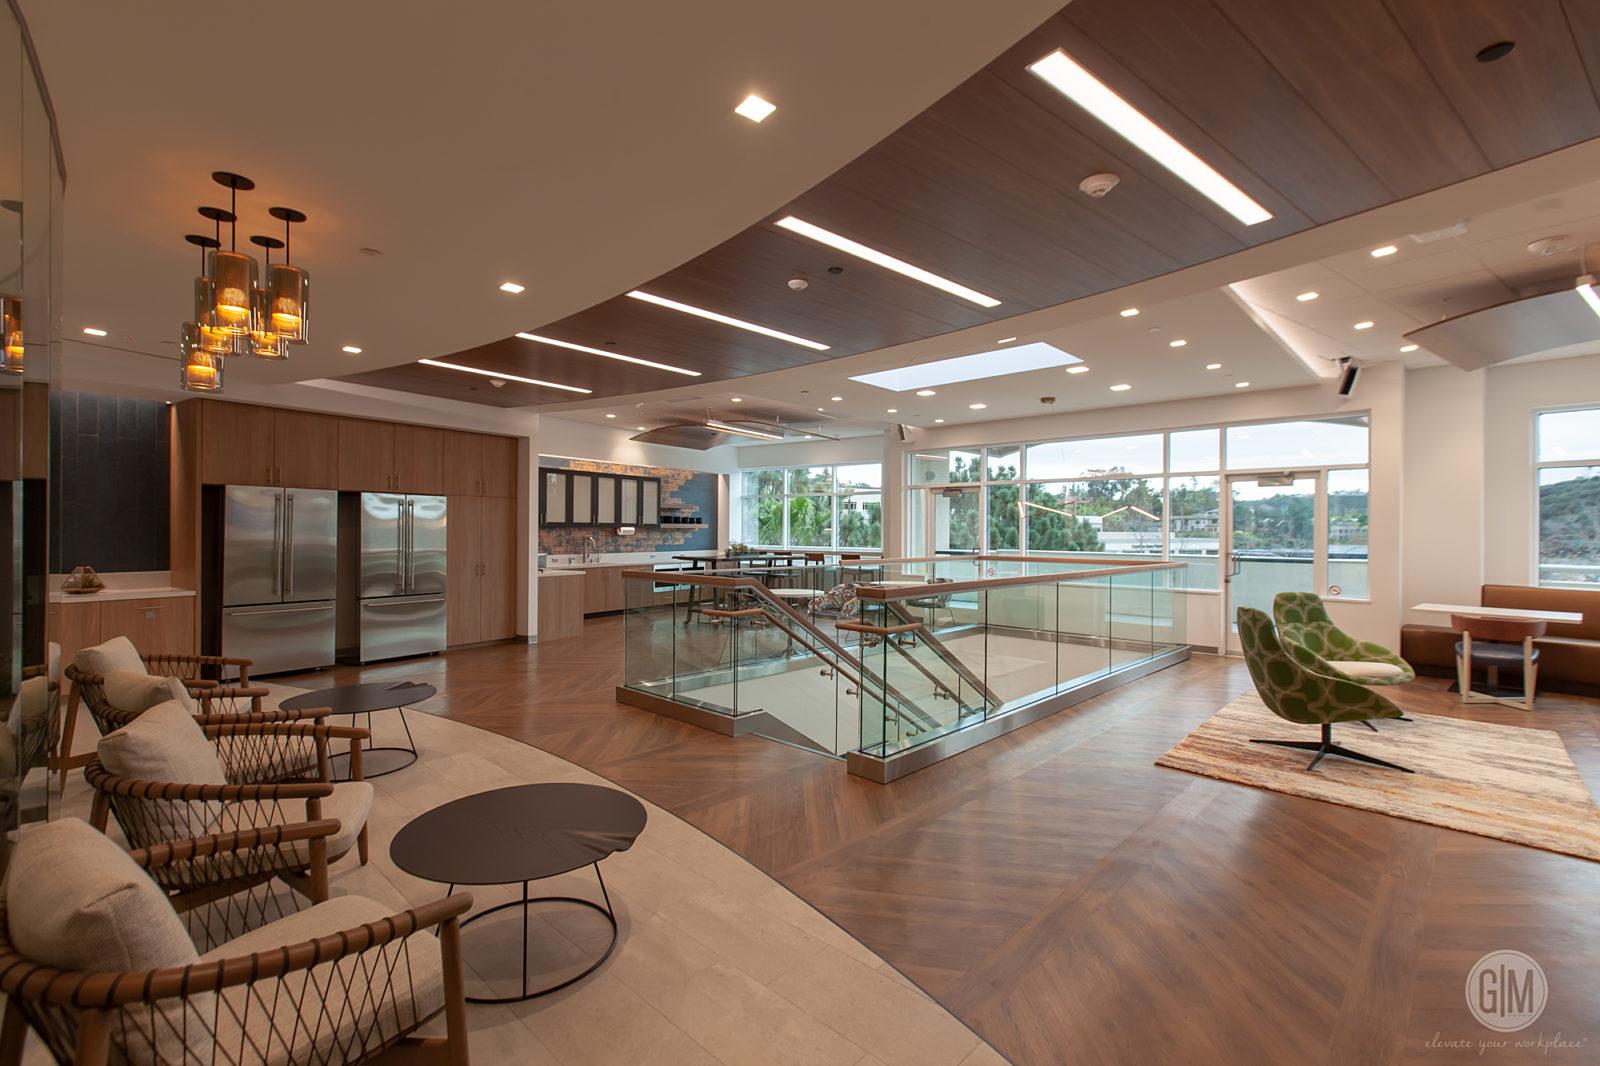 Perkins Coie San Diego Lobby Area